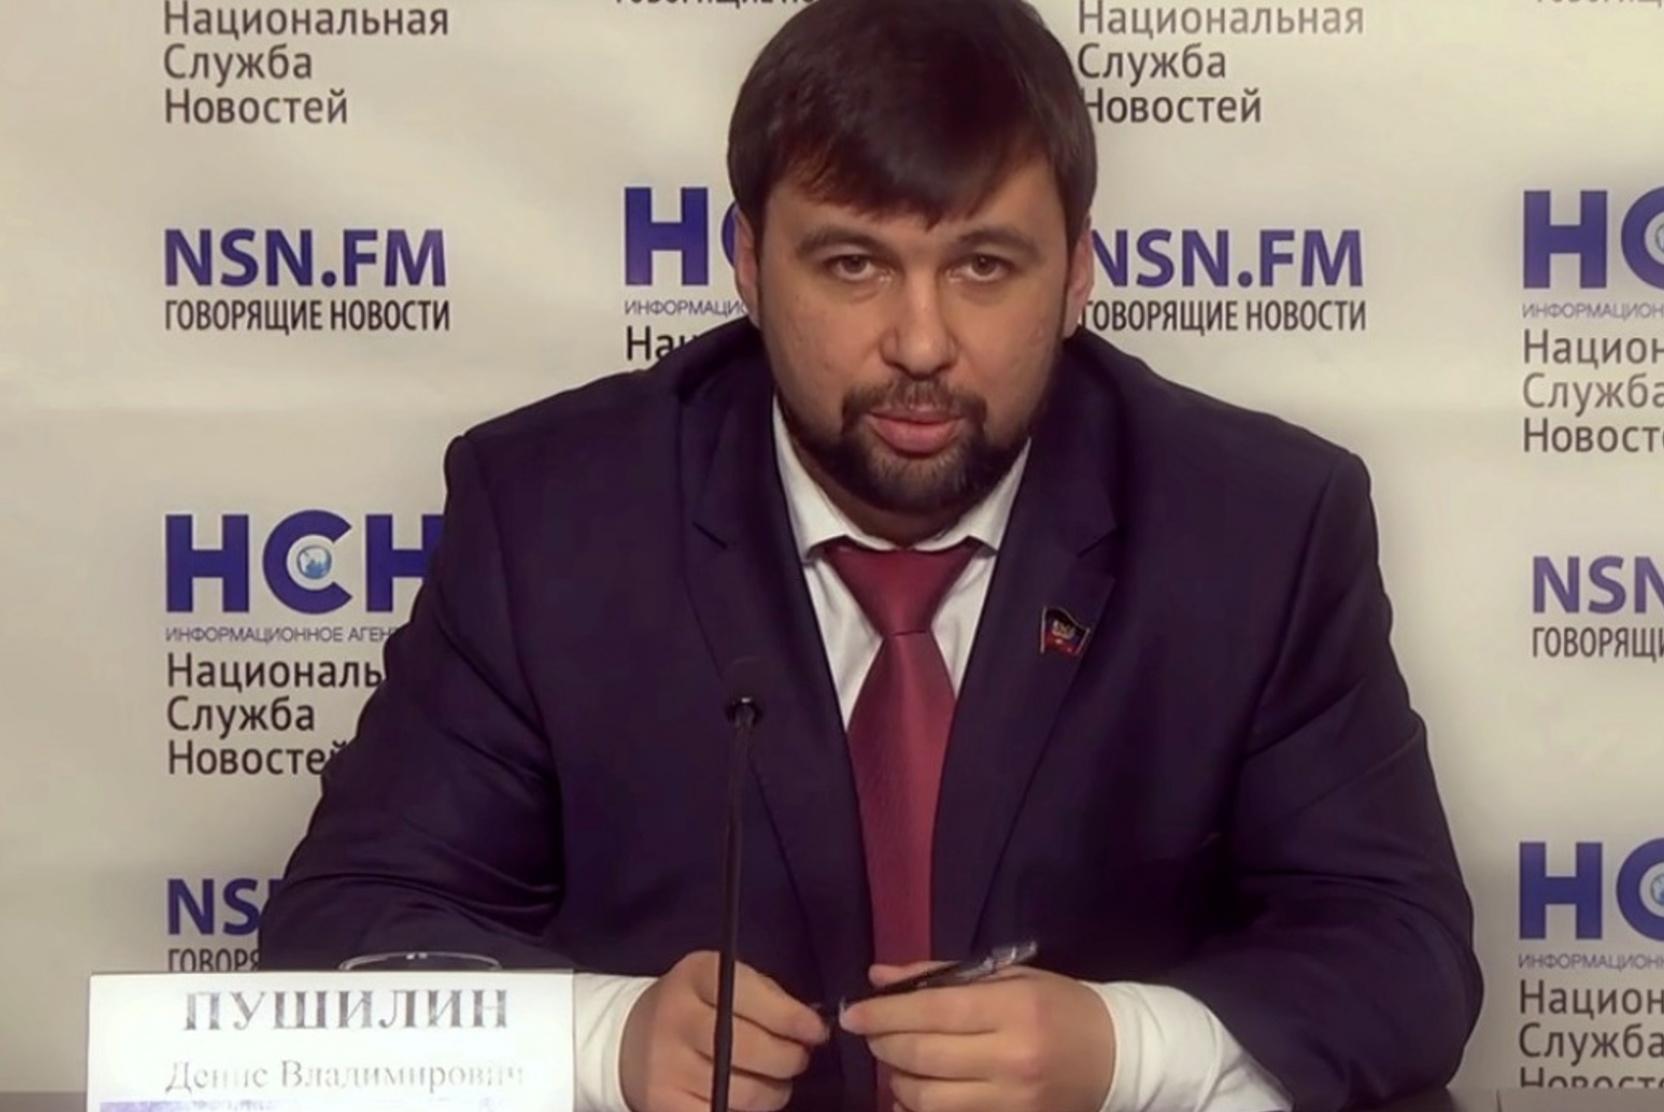 Пушилин: Гибель ребенка в Донбассе квалифицирована как теракт